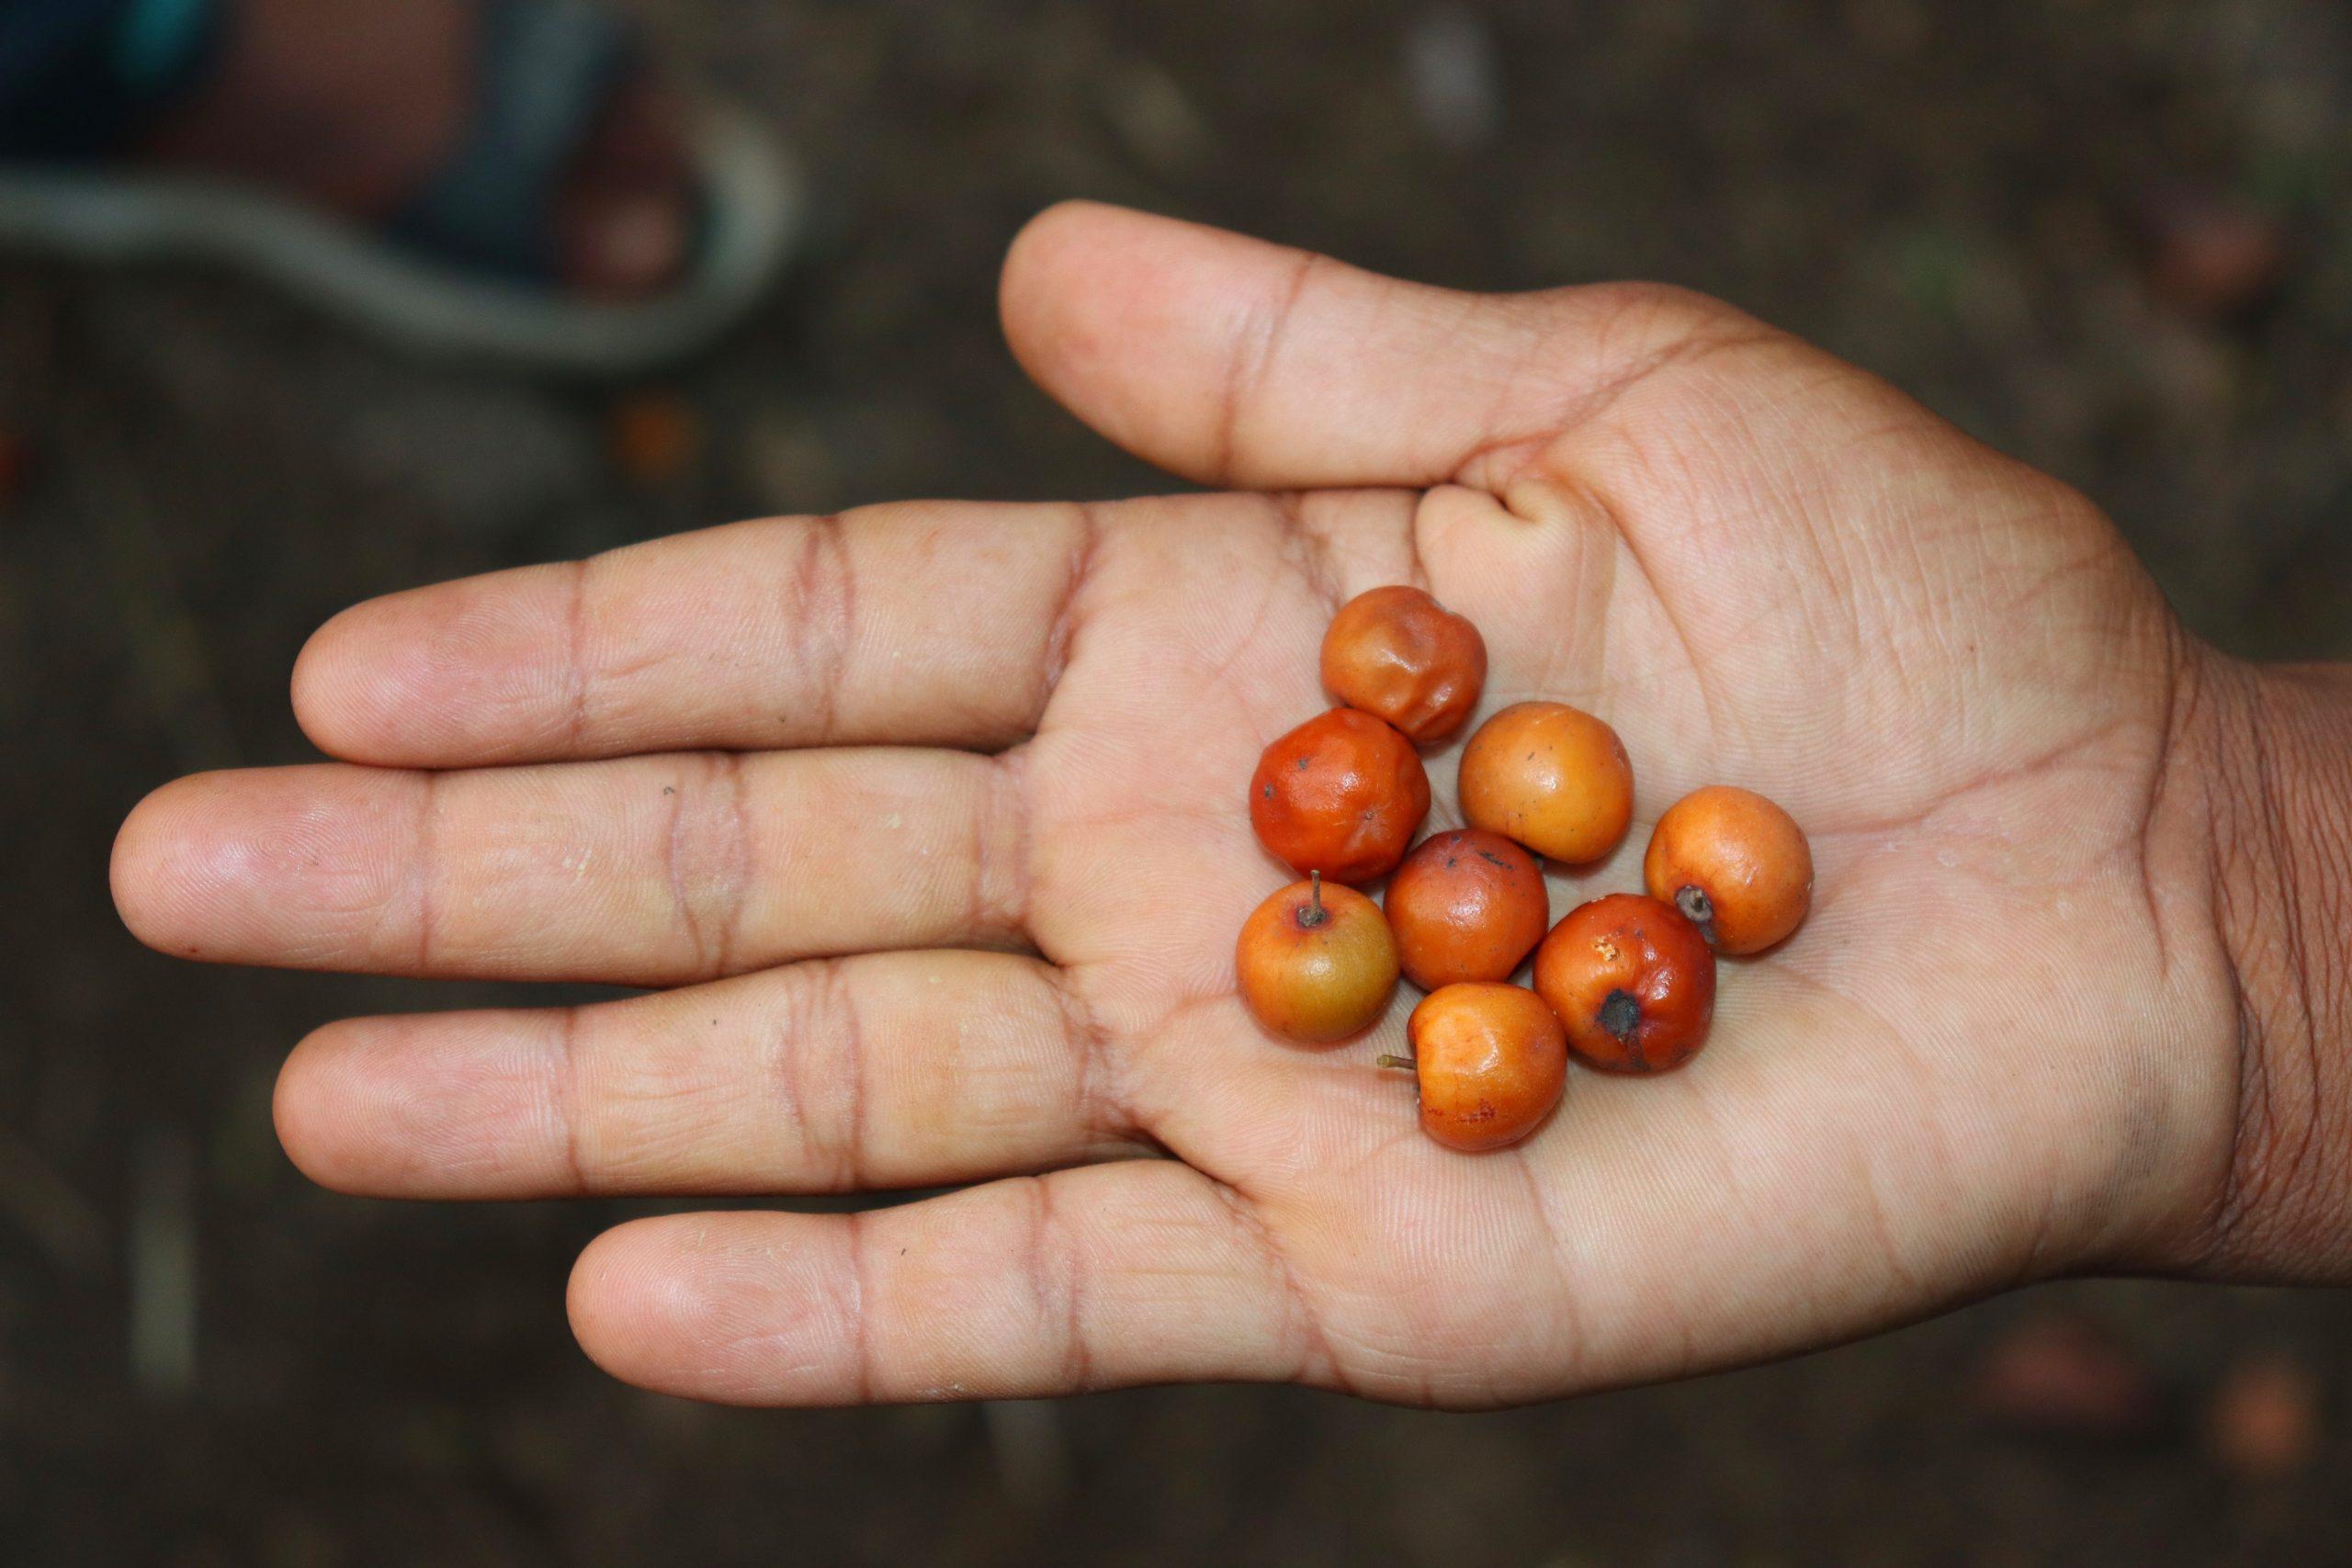 Berries in hand